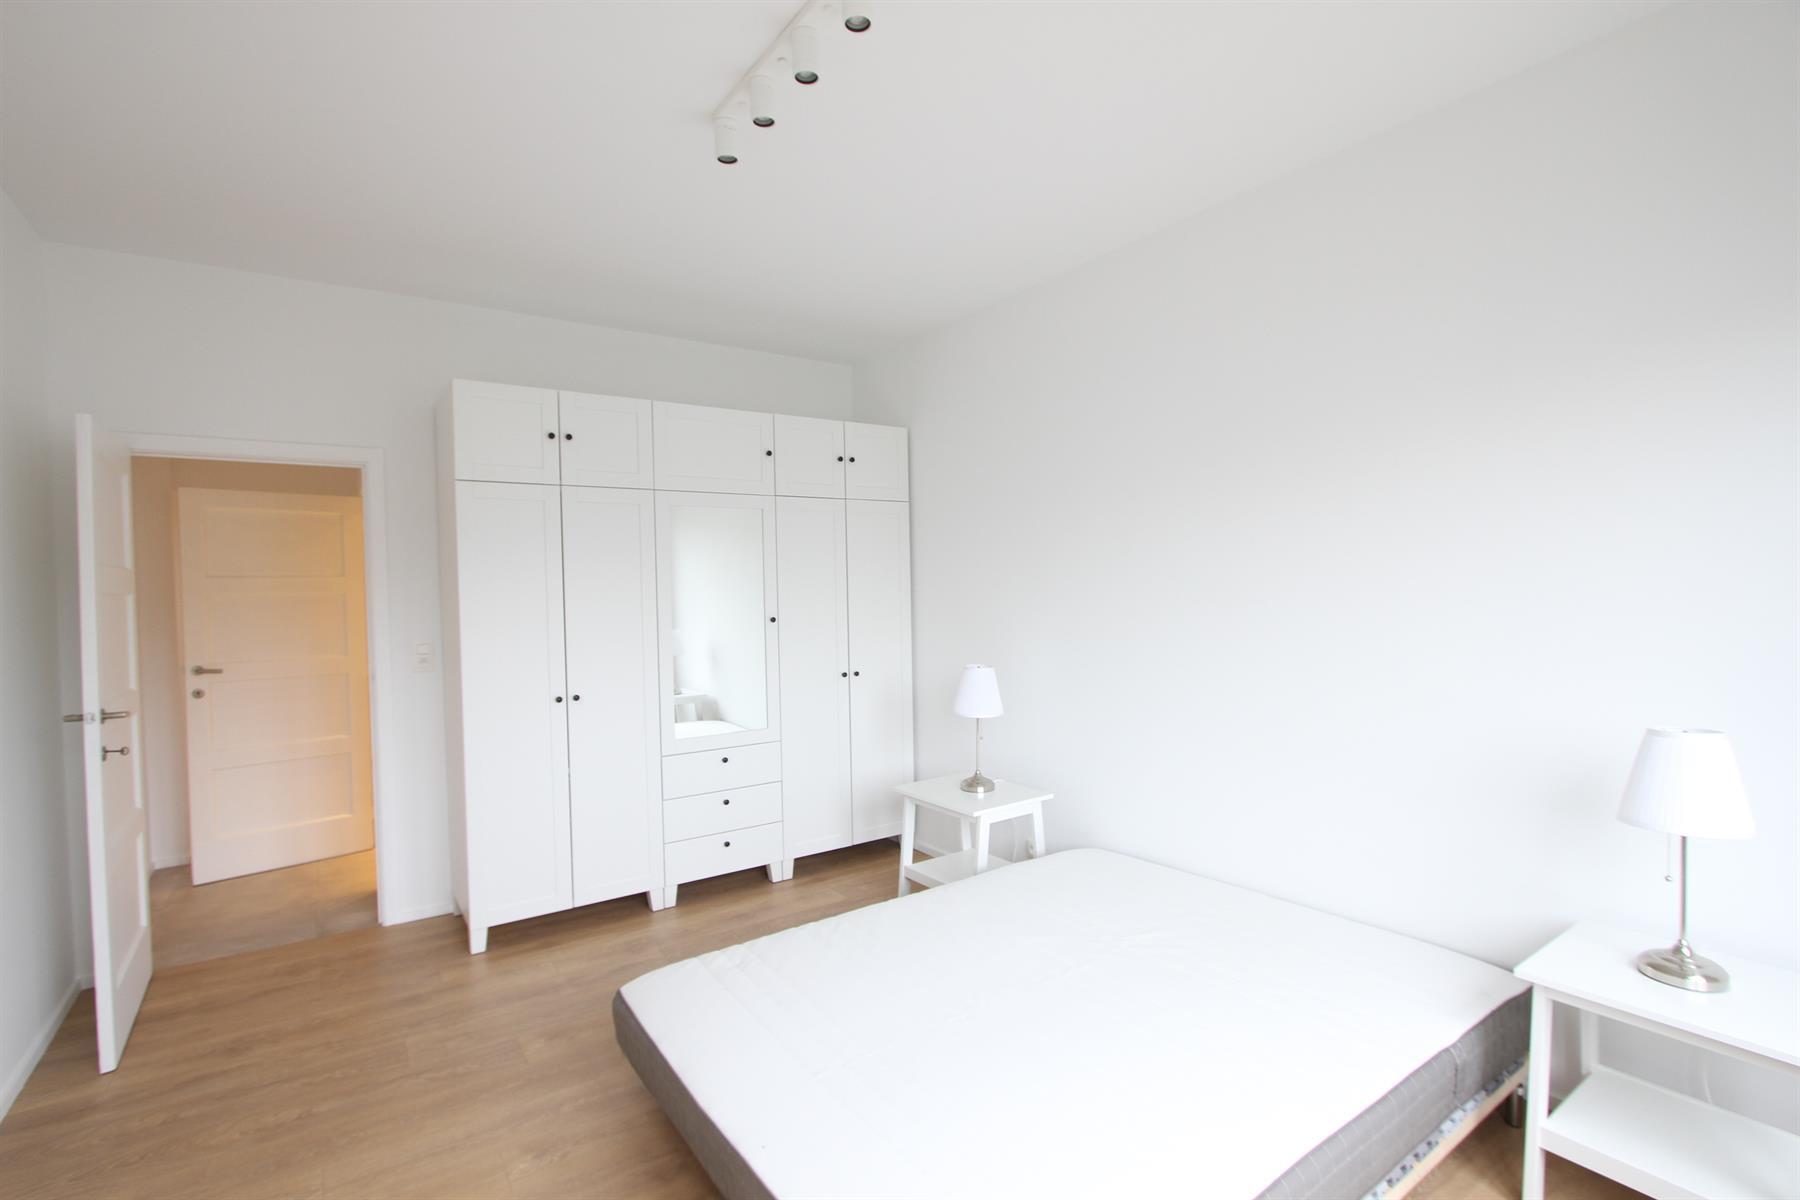 Flat - Ixelles - #3973978-6